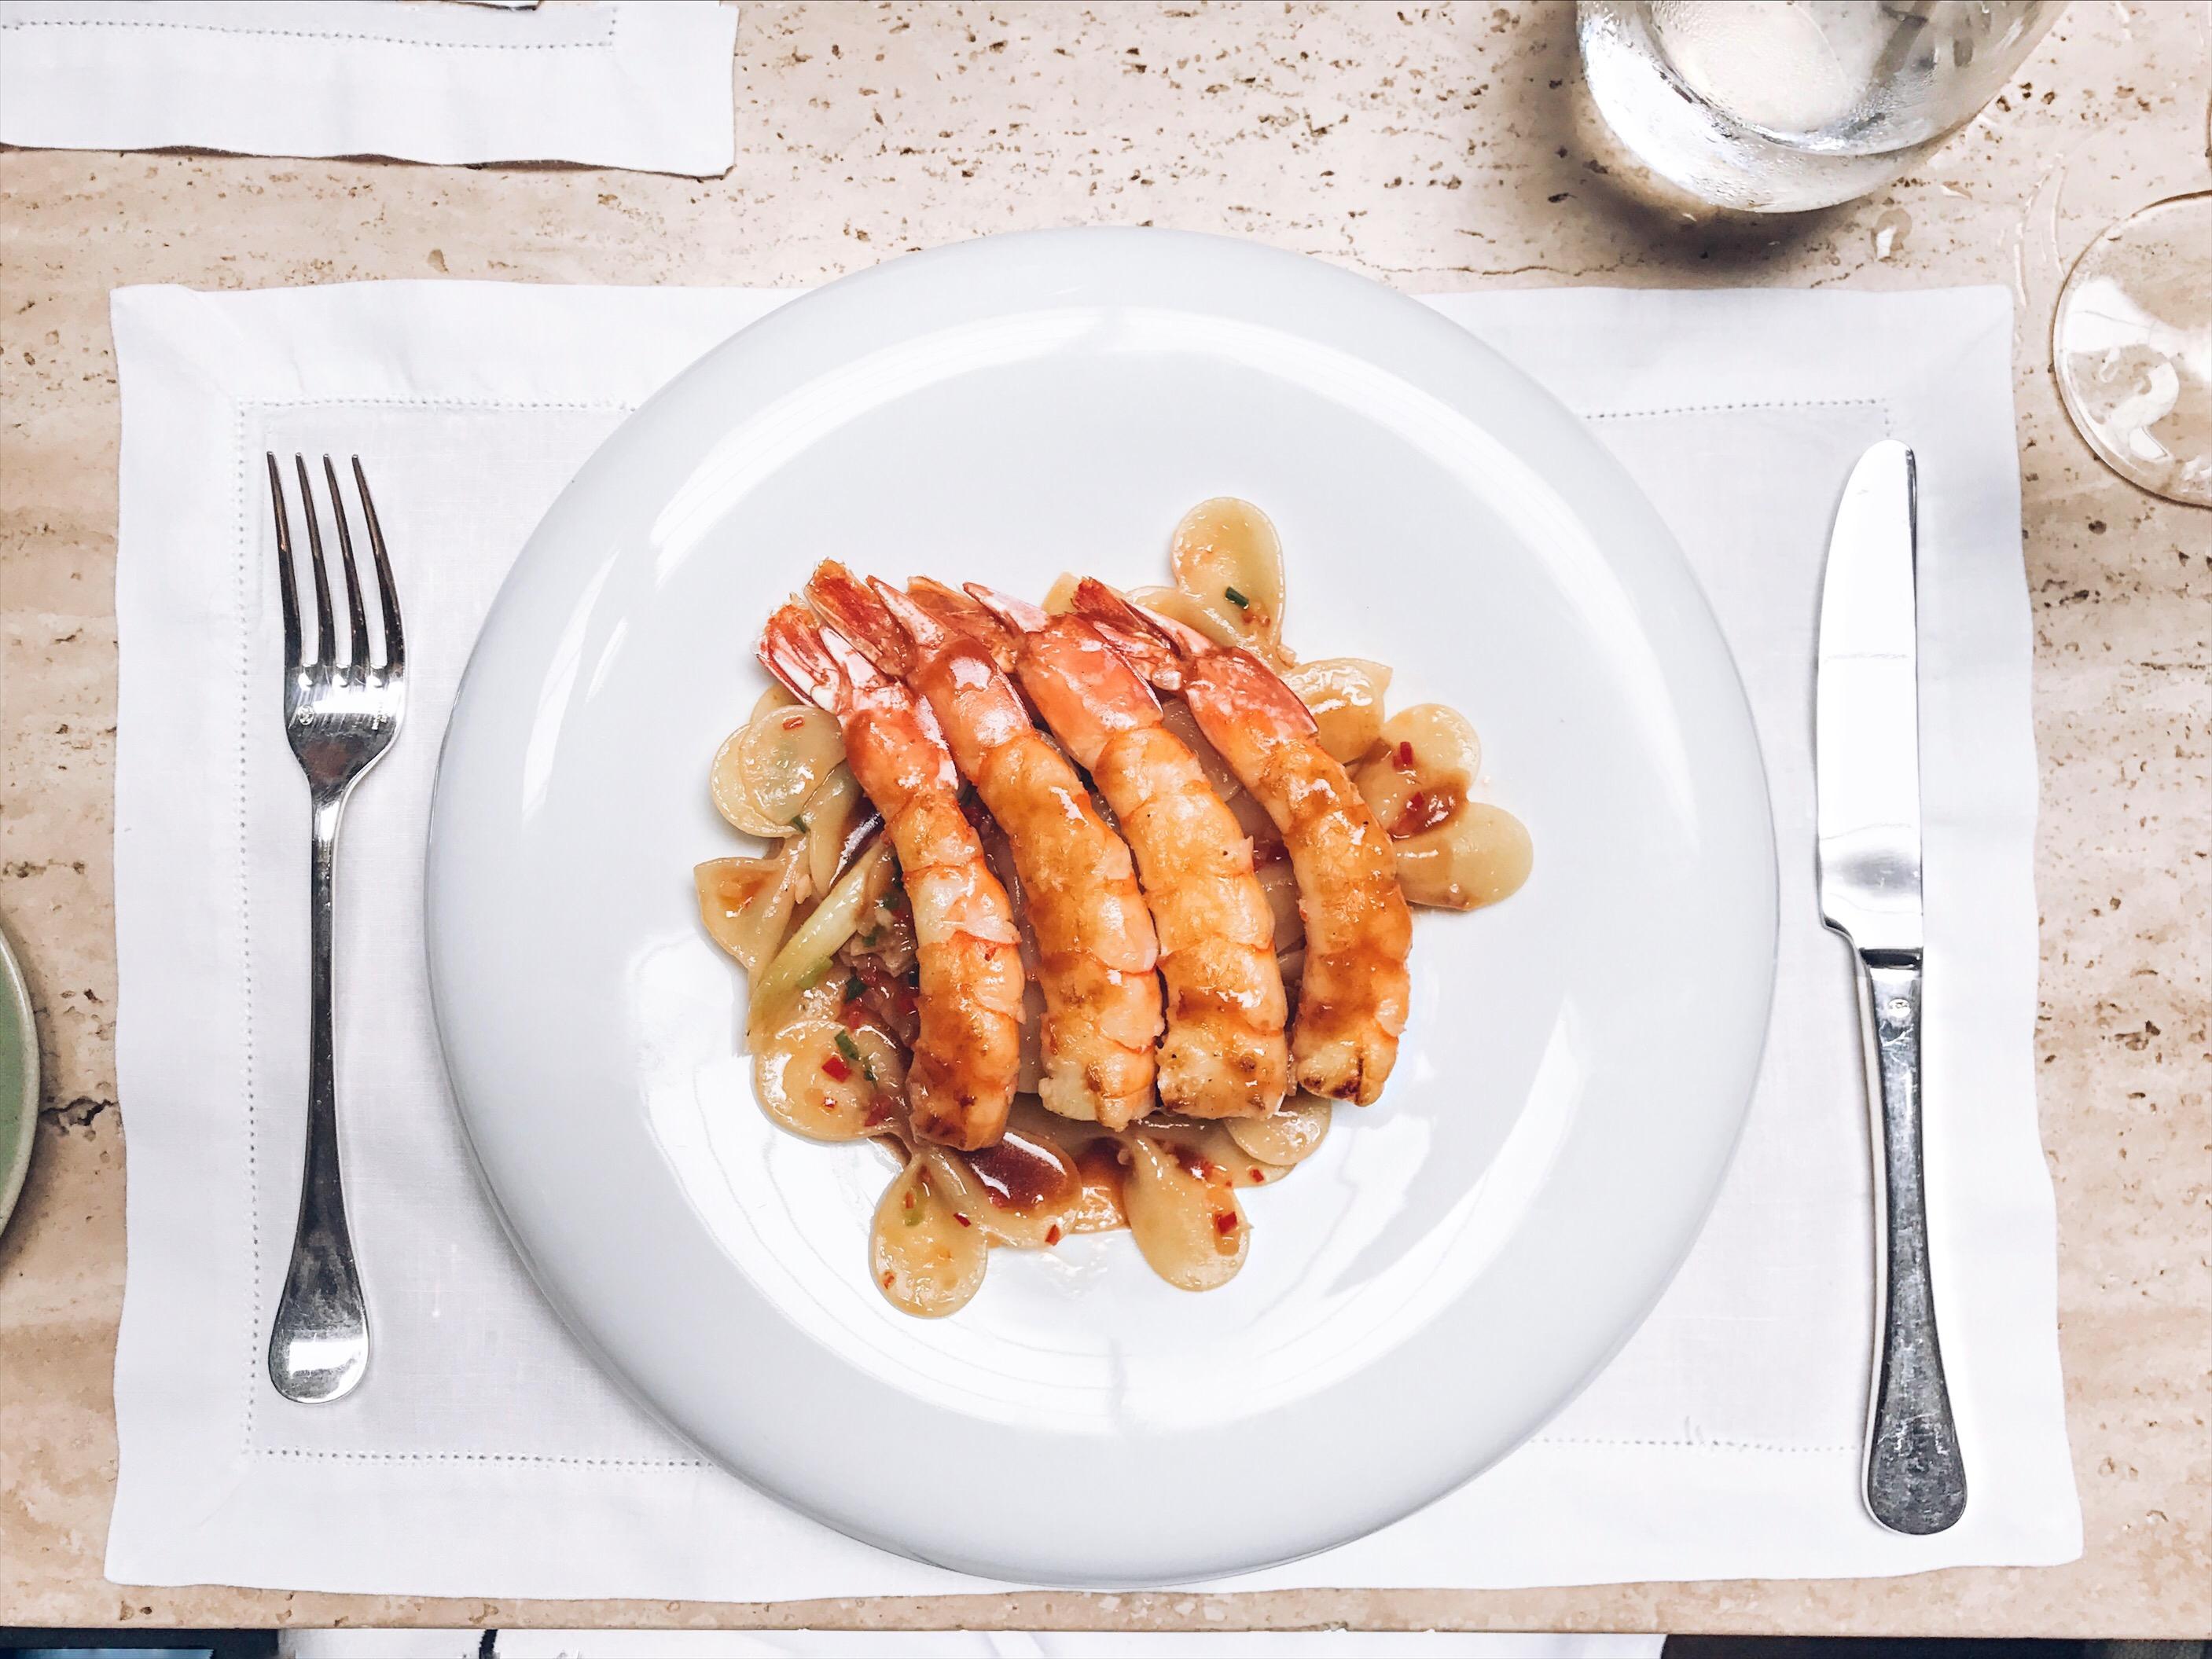 Melhores restaurantes no Rio de Janeiro